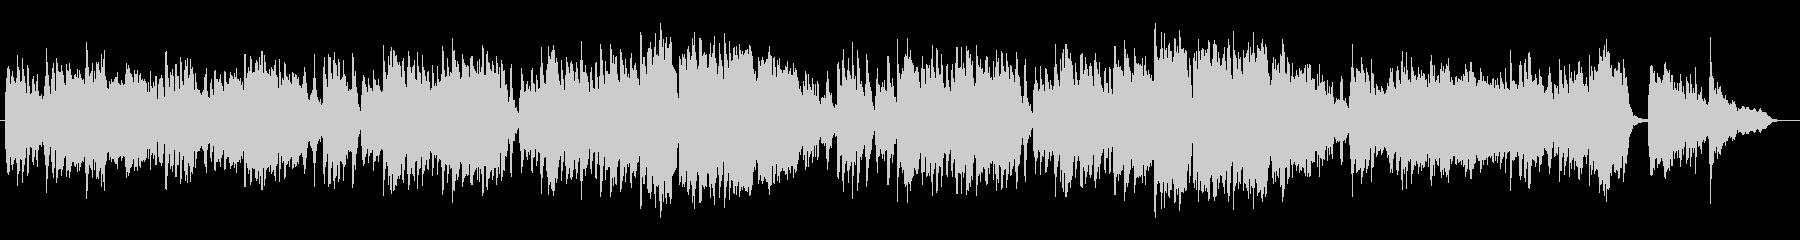 少し寂しげなピアノのスローミュージックの未再生の波形